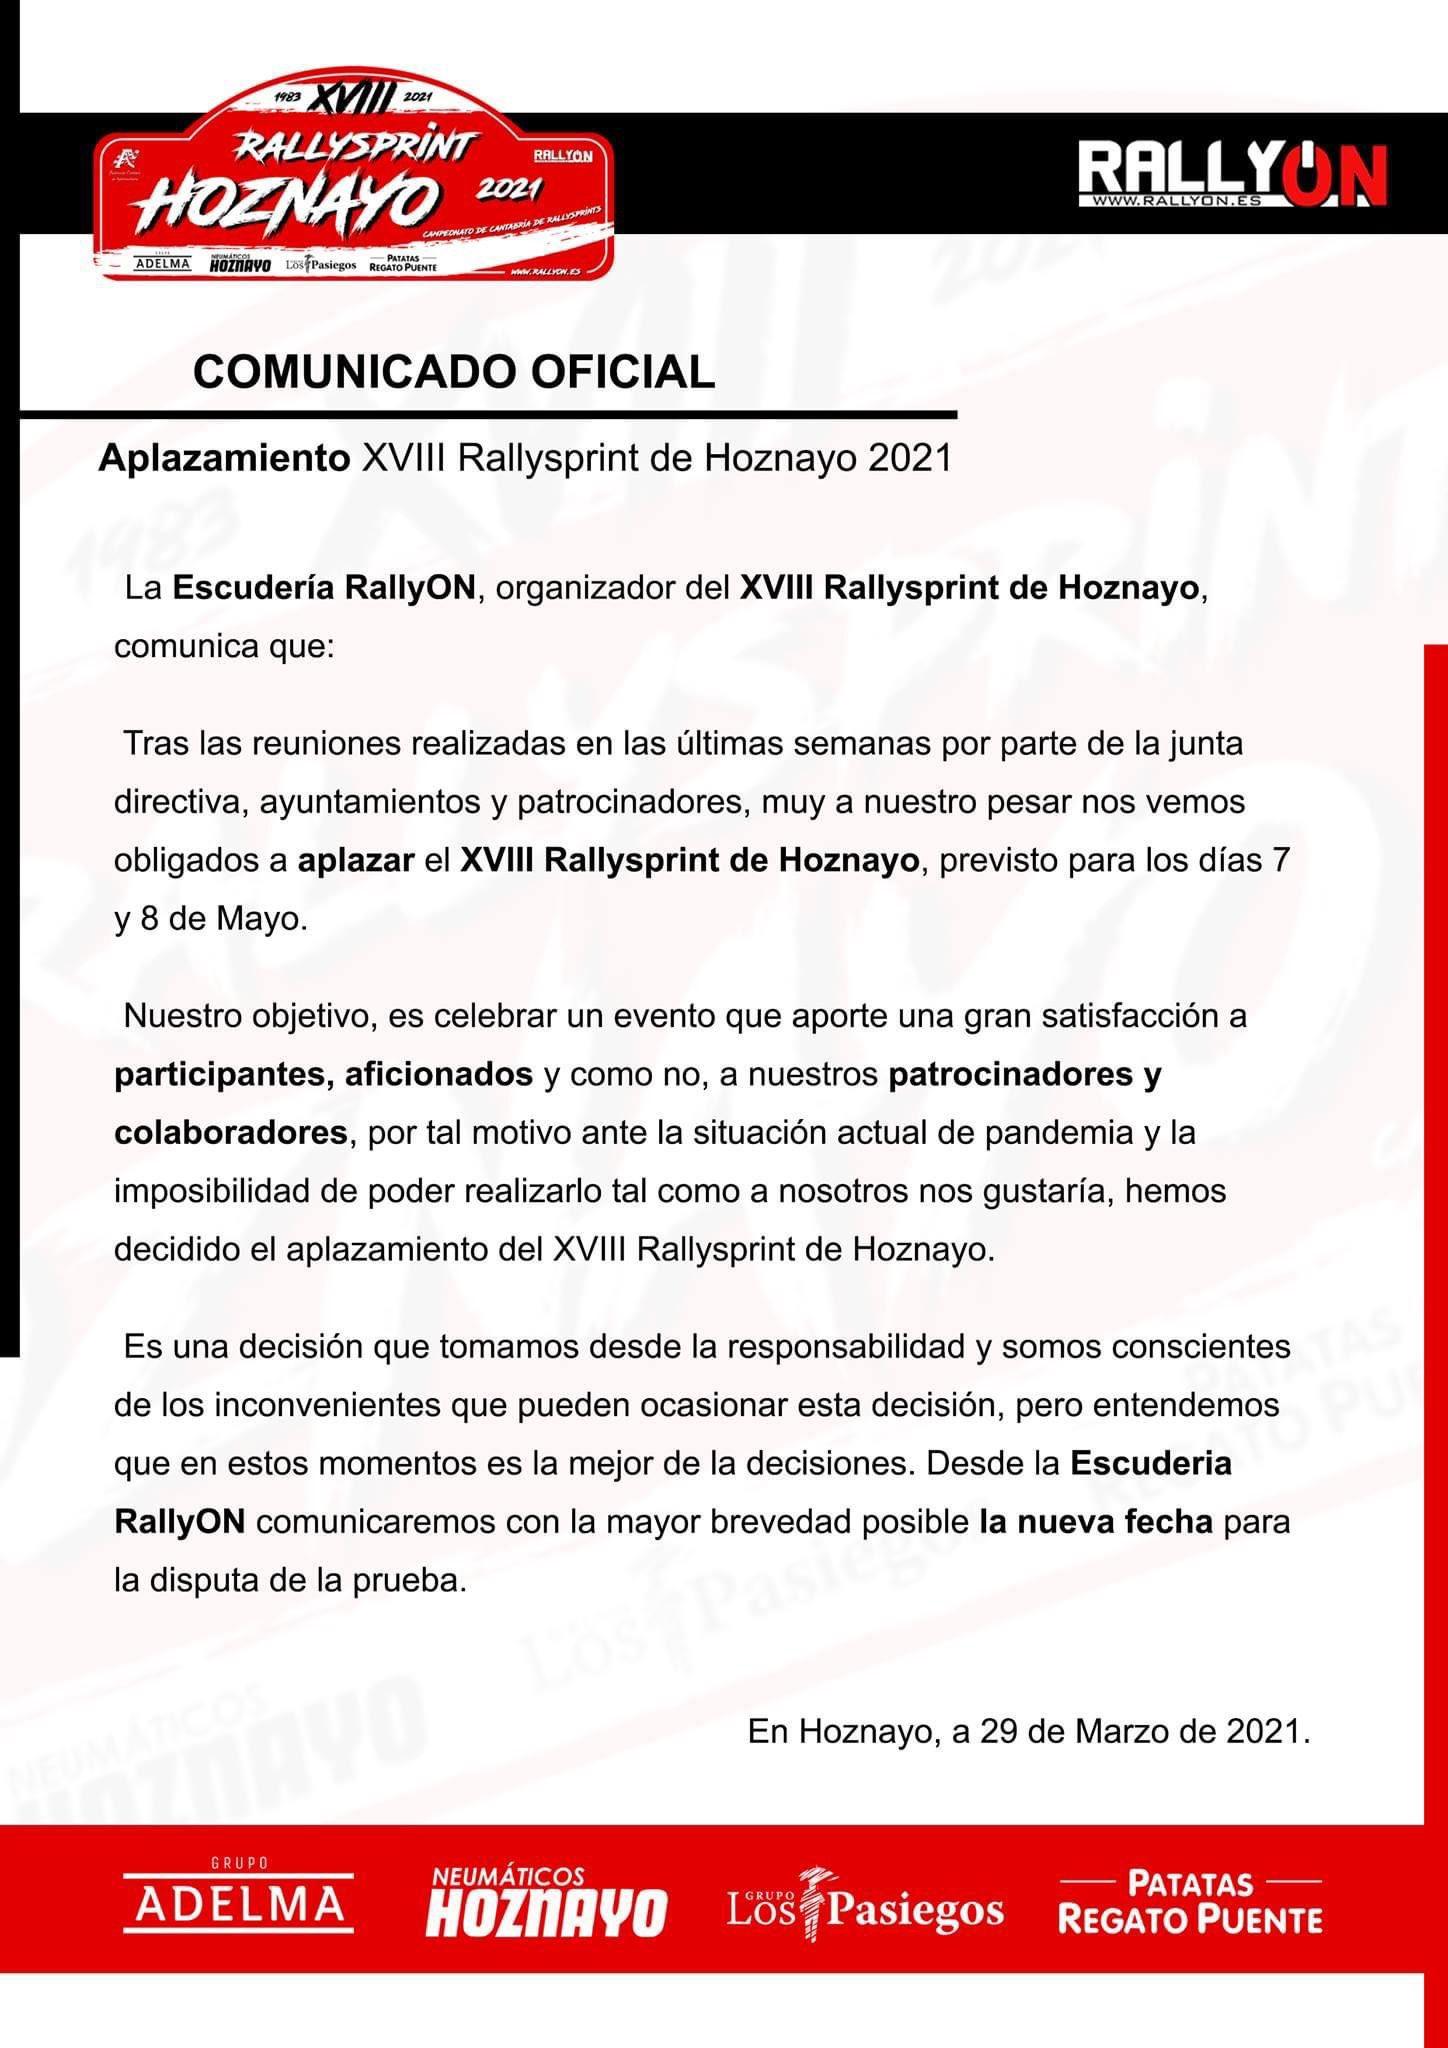 Campeonatos Regionales 2021: Información y novedades  - Página 8 ExqZ8aZXAAEcS2a?format=jpg&name=large